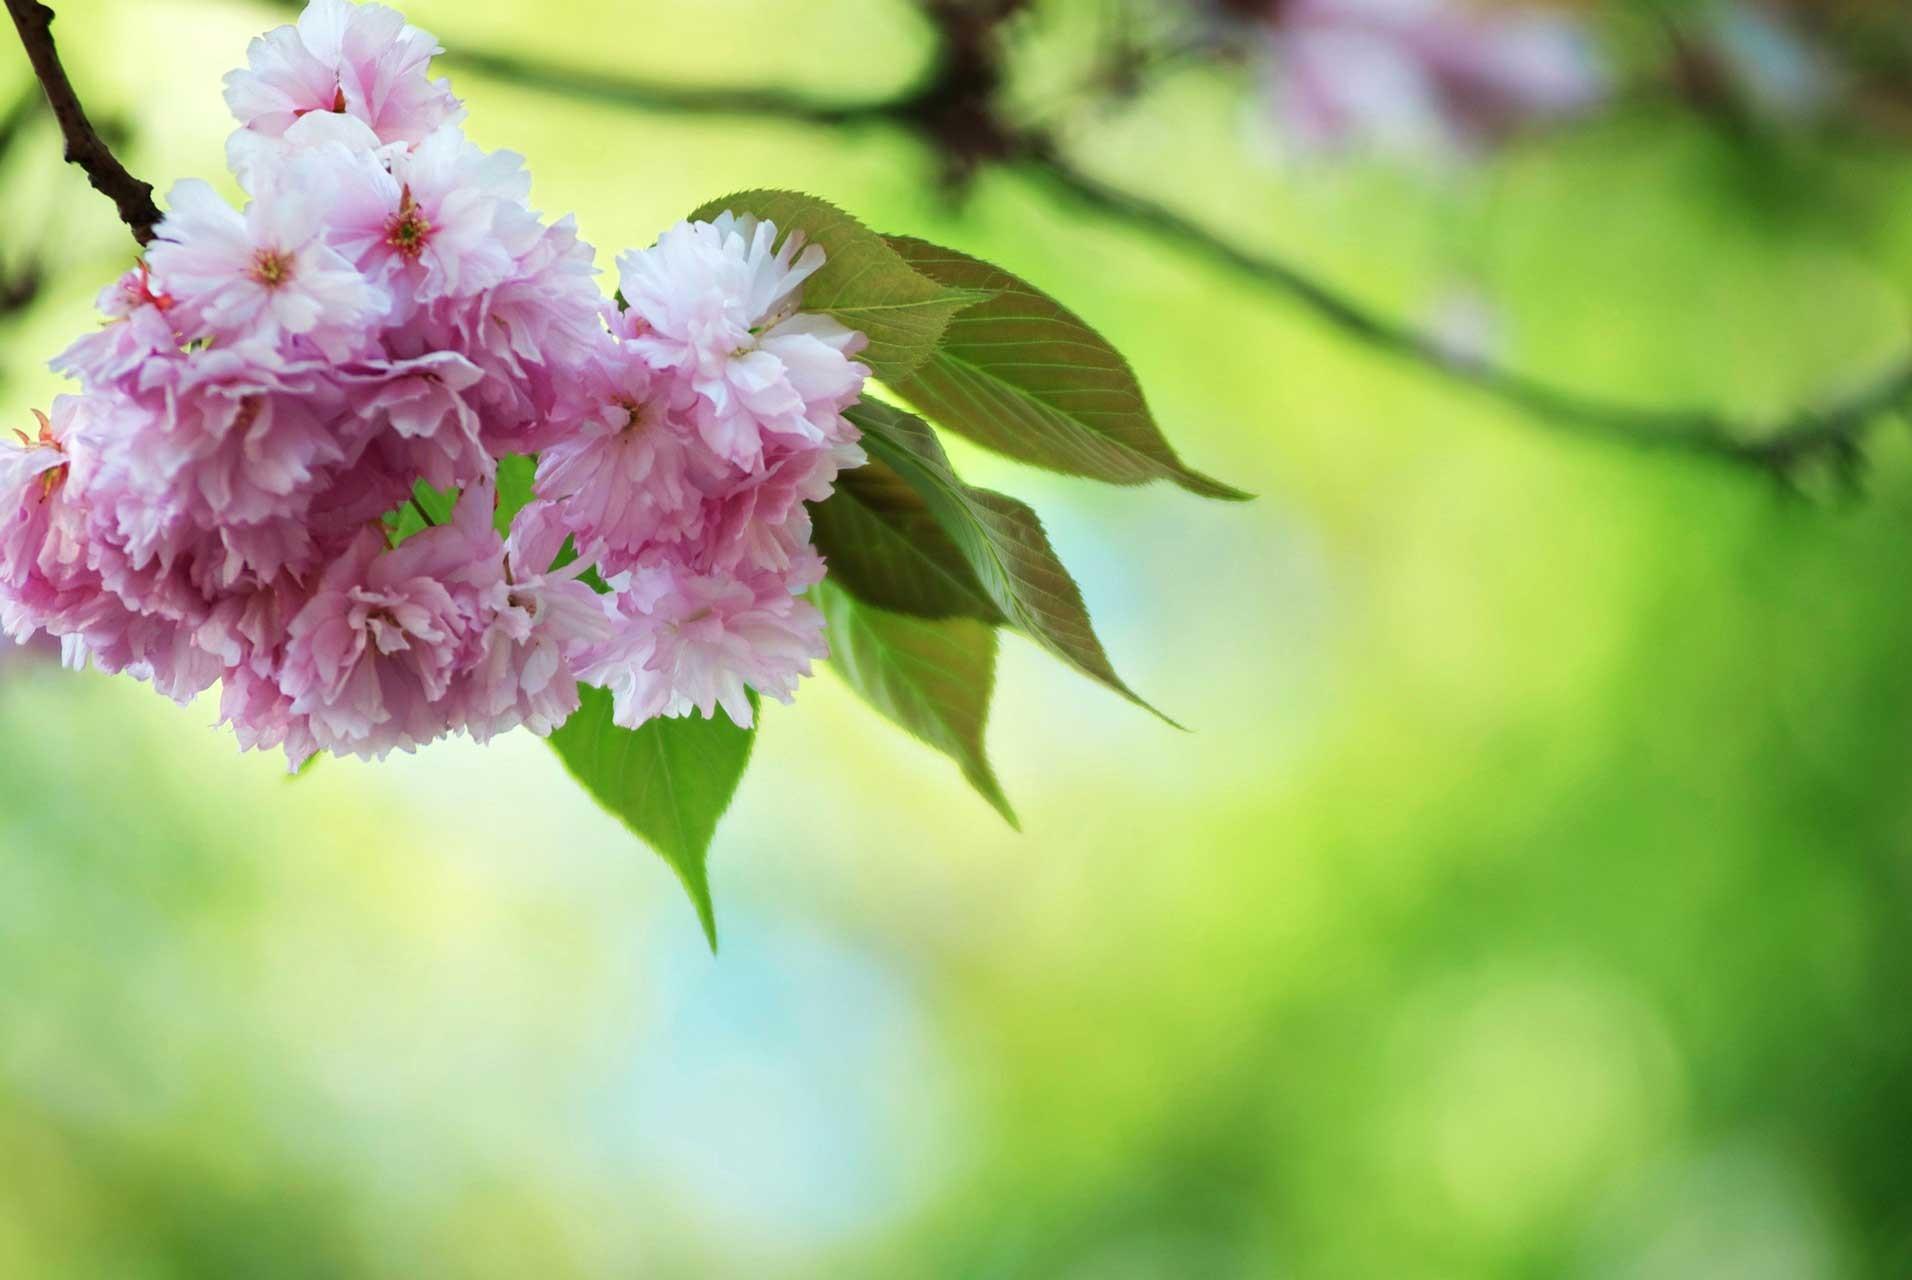 Laure-Maud_16_photographe_jardin-cerisier-japonais-2